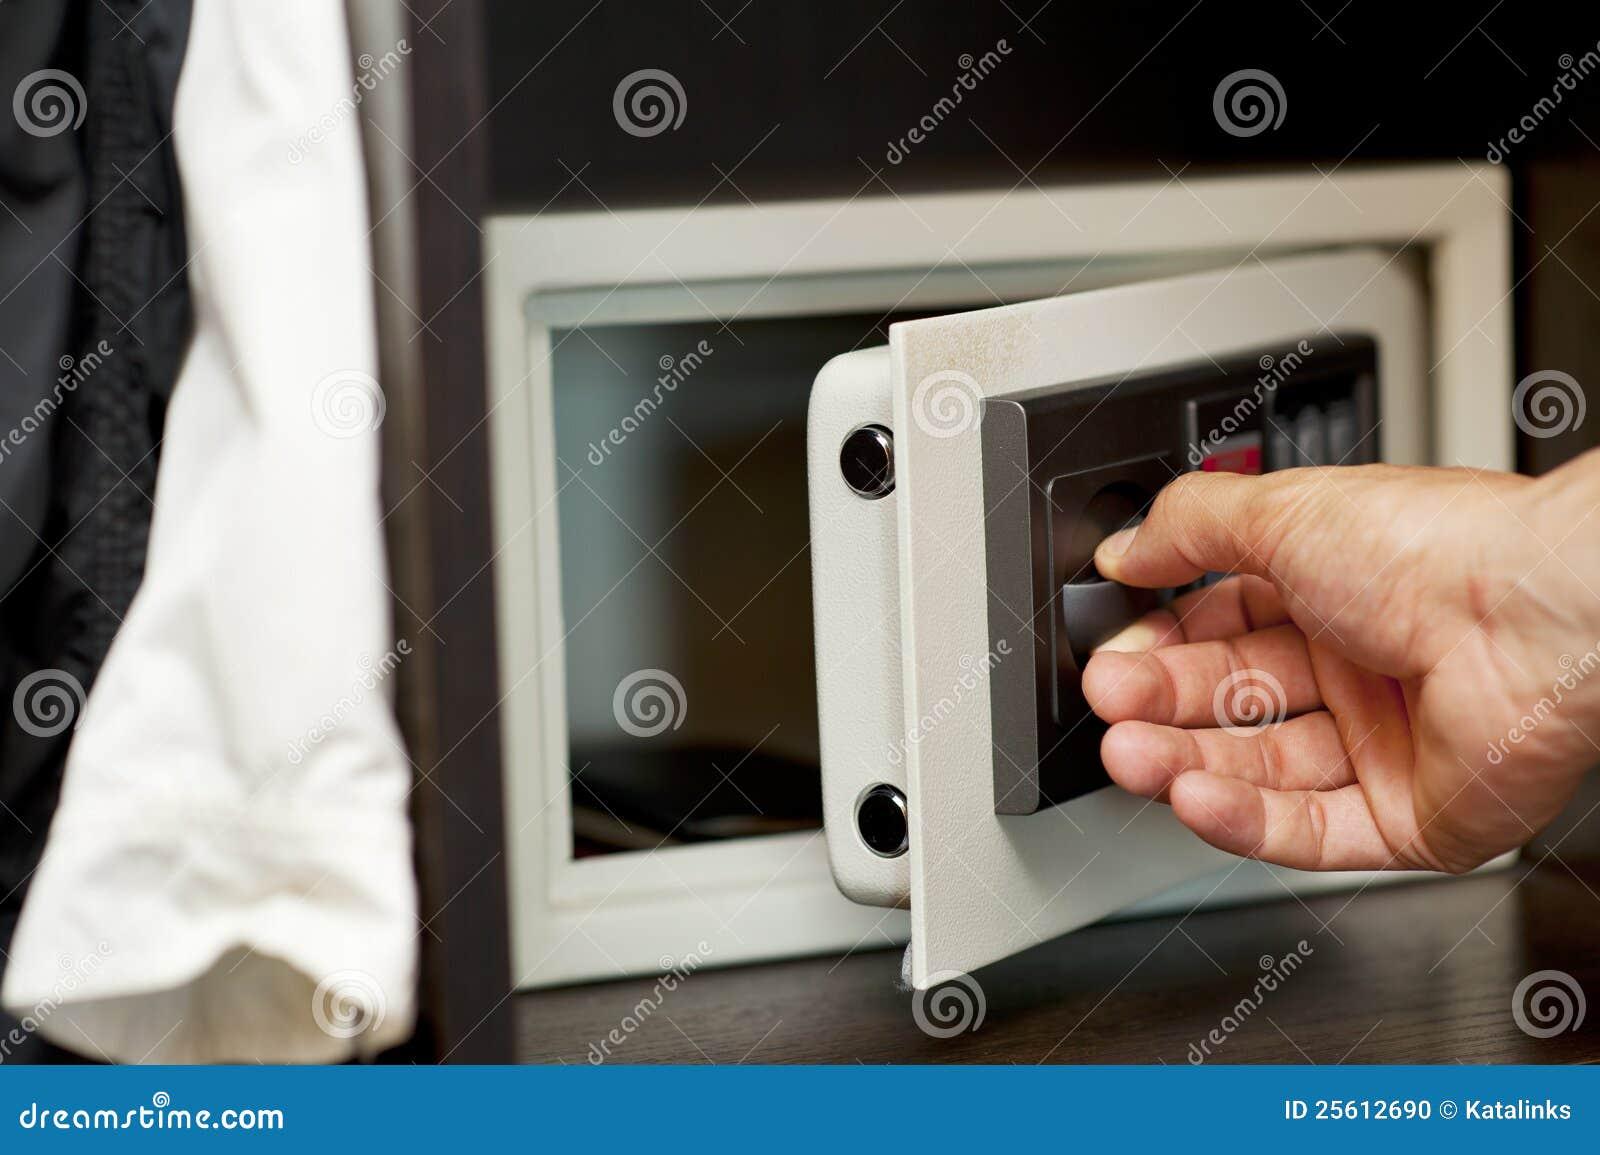 Safe versteckt in der garderobe stockfoto bild 25612690 for Garderobe versteckt